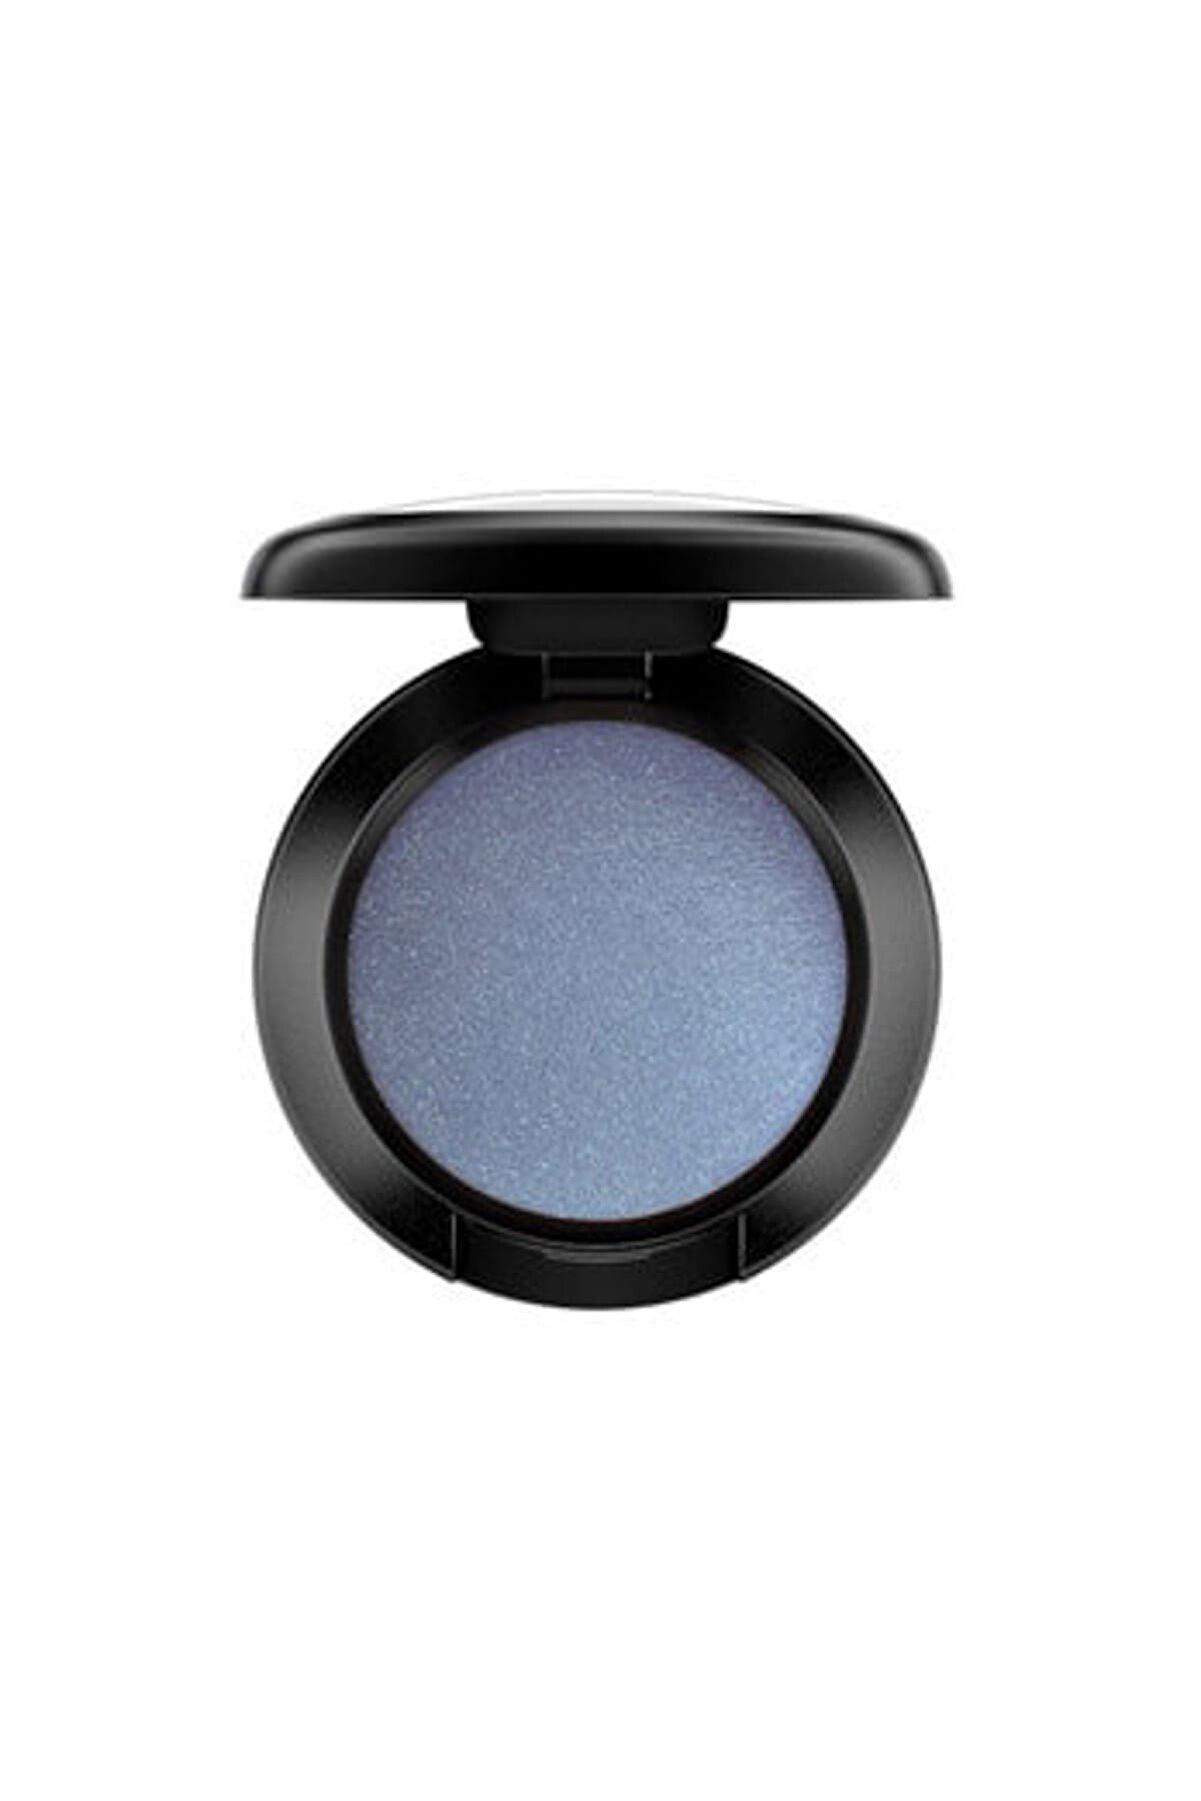 Mac Göz Farı - Eye Shadow Tilt 1.5 g 773602001859